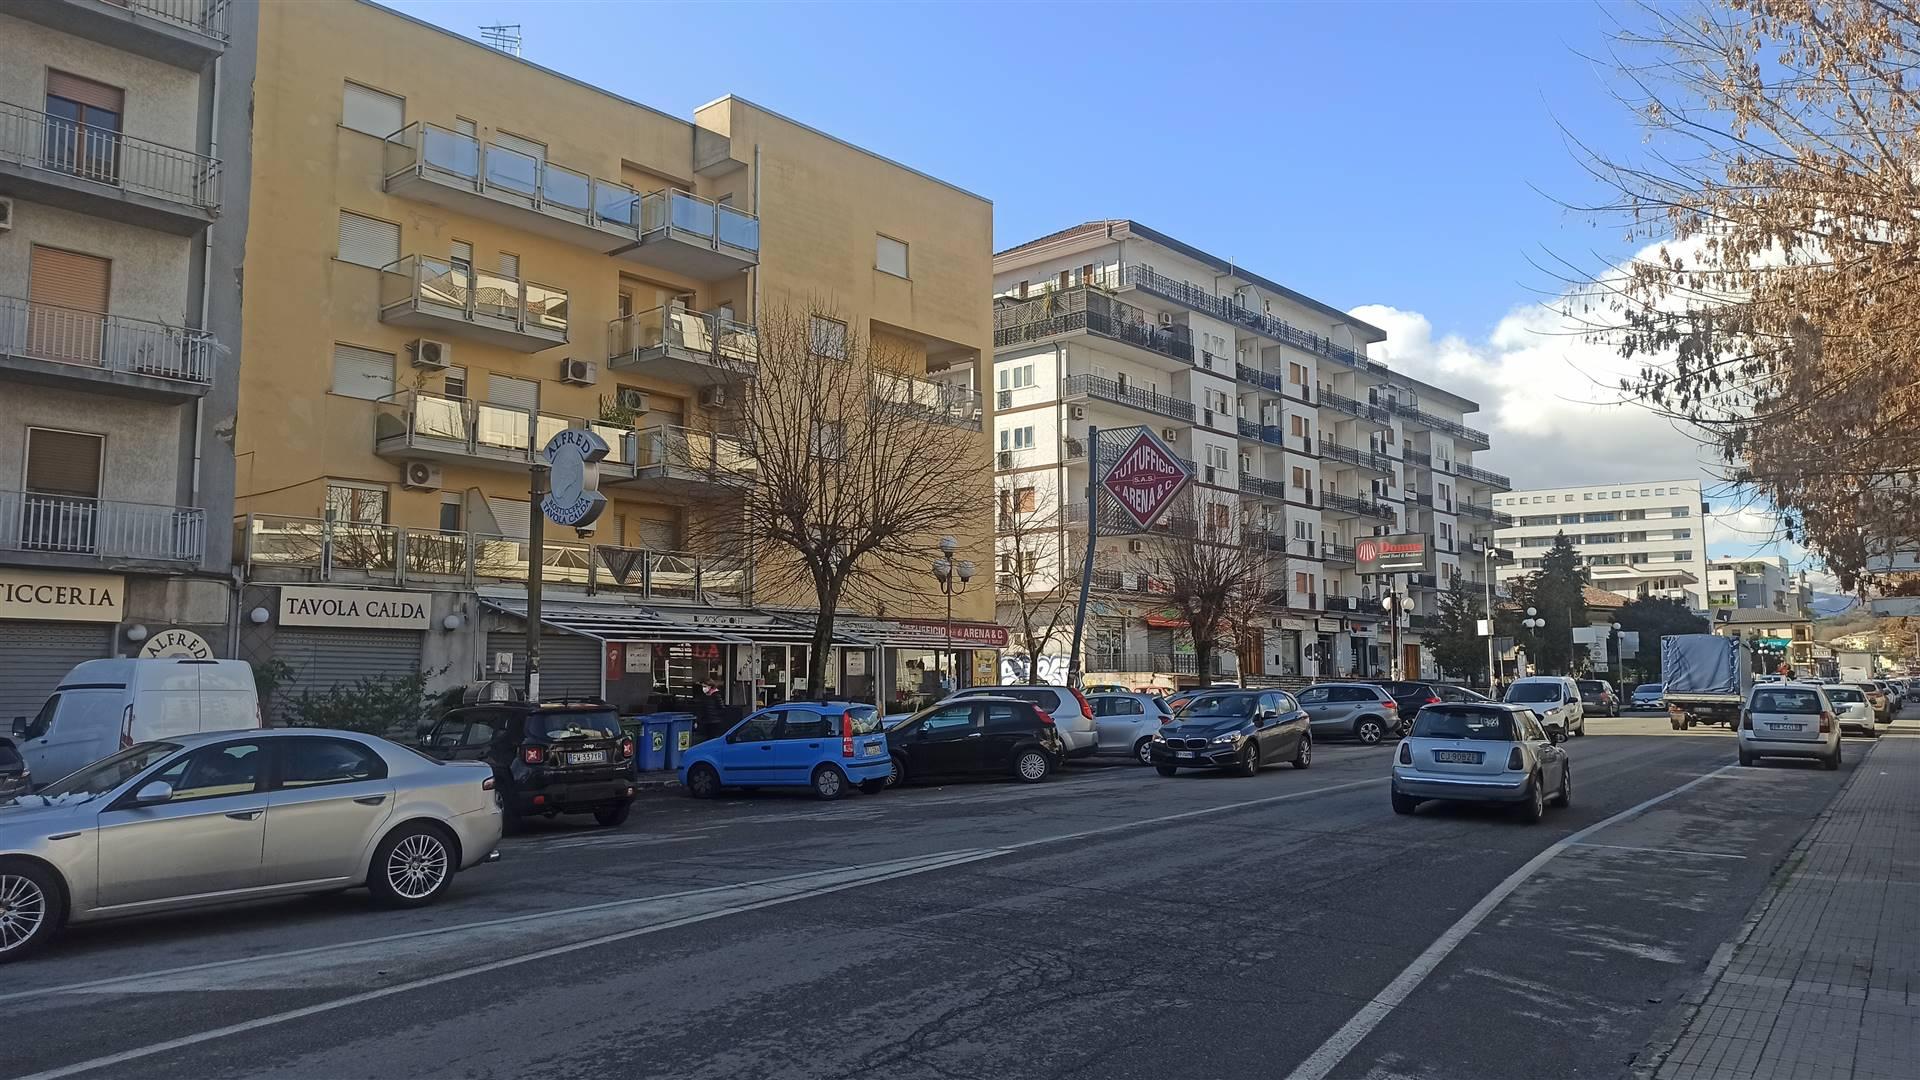 Appartamento in affitto a Rende, 3 locali, zona Zona: Quattromiglia, prezzo € 190 | CambioCasa.it